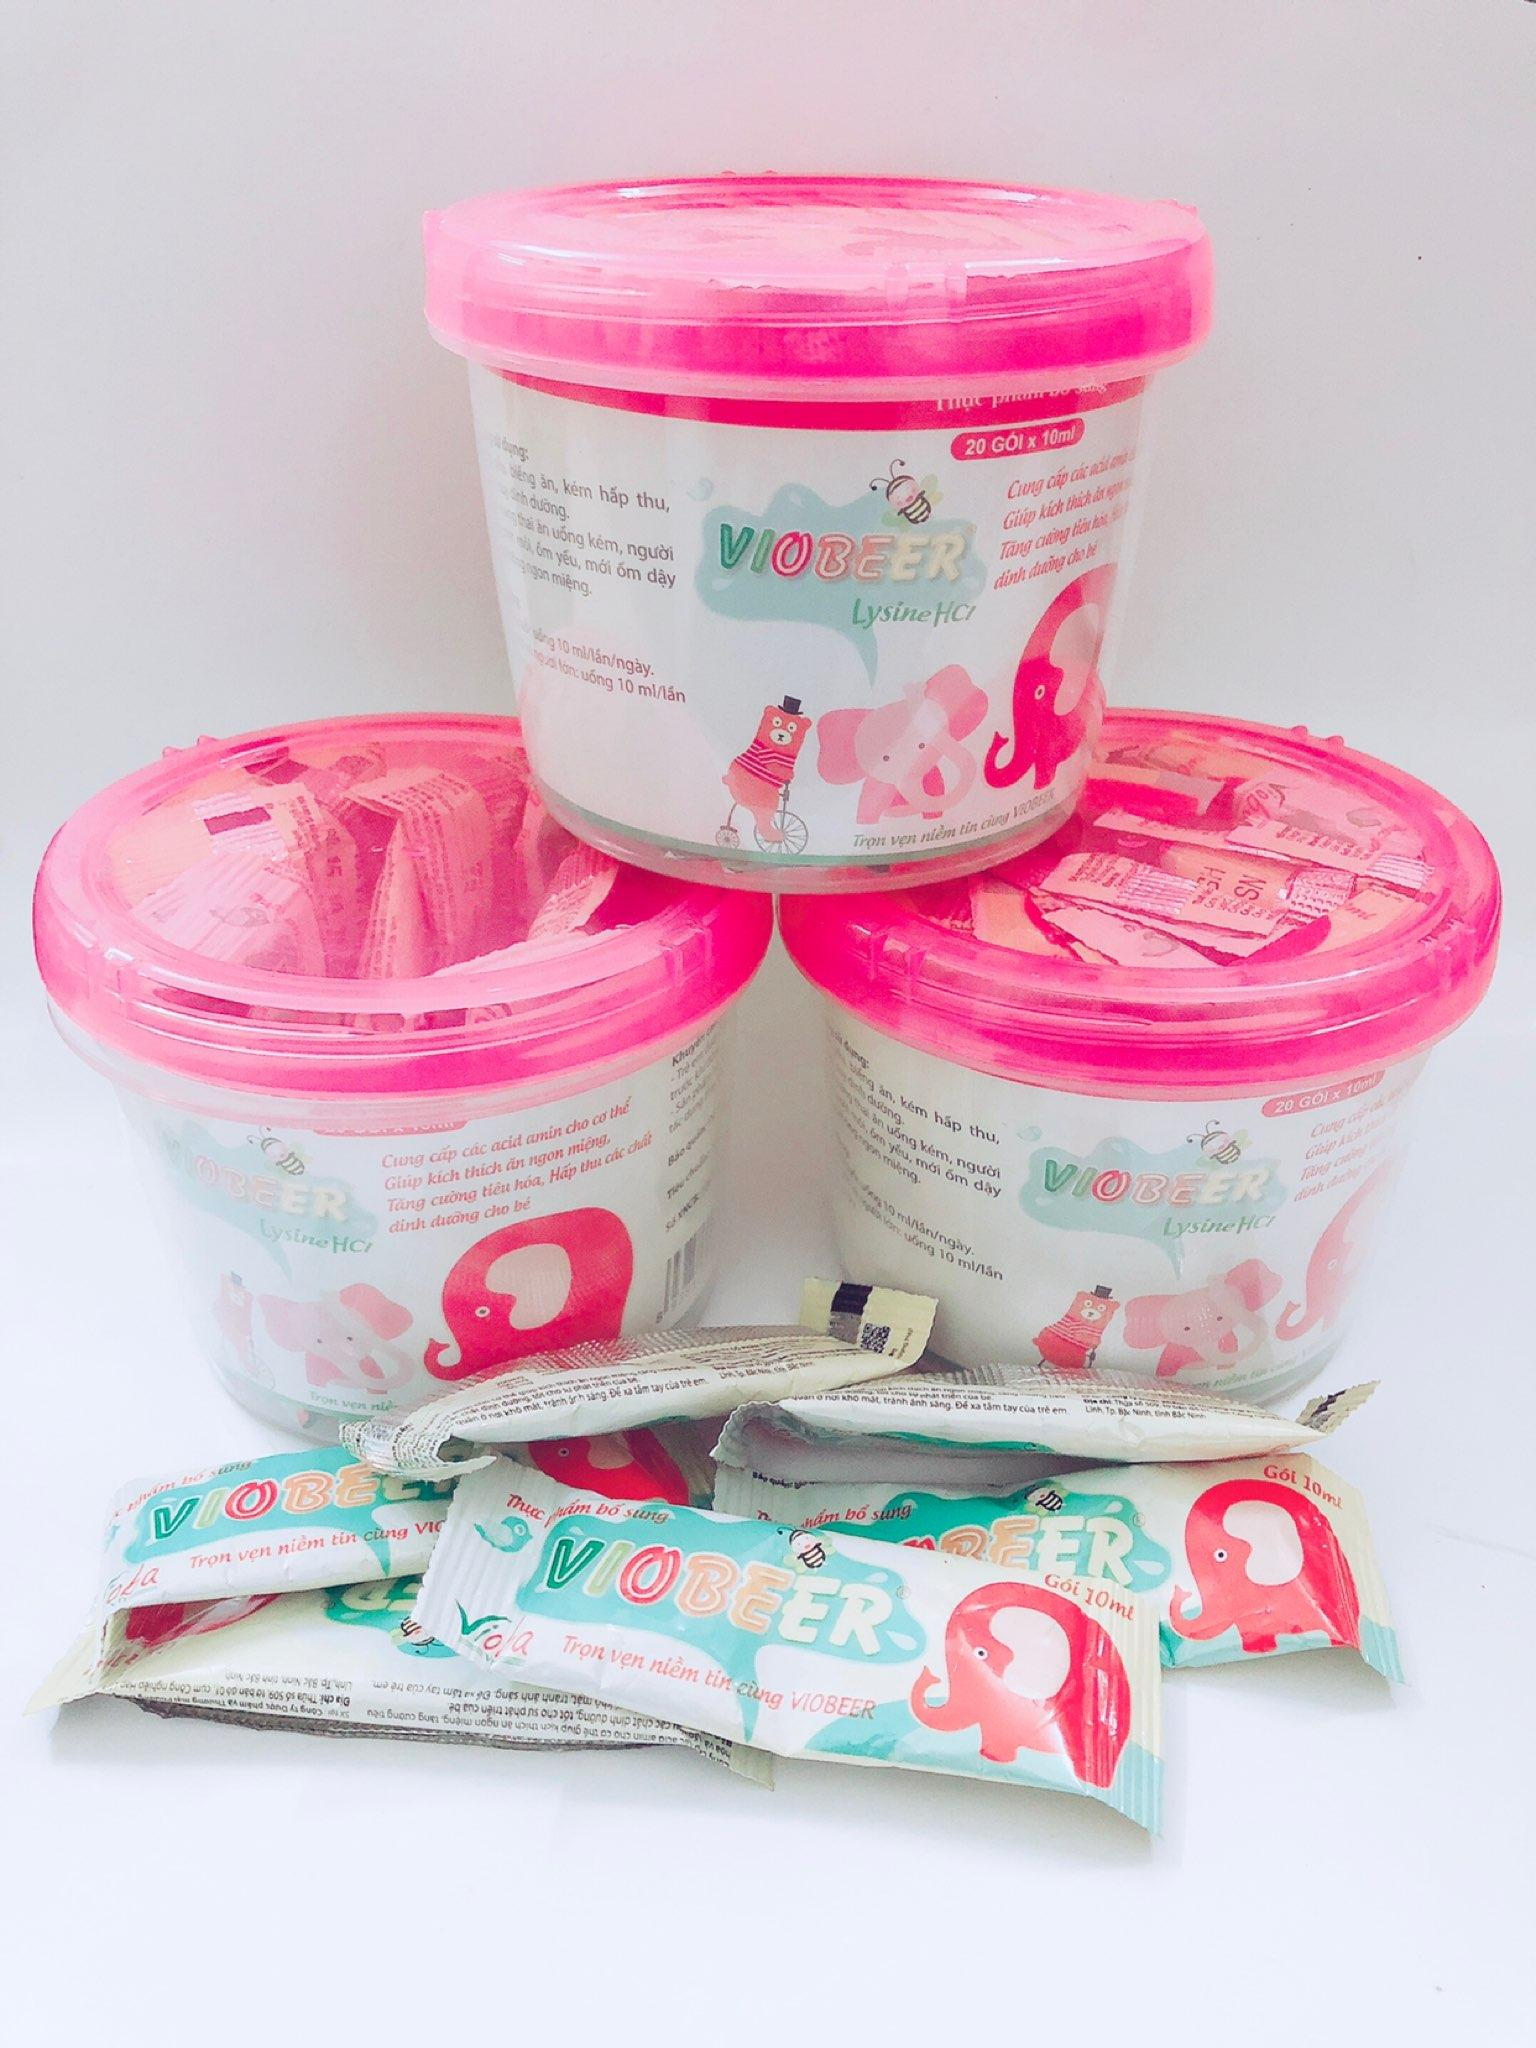 Kích thích trẻ ăn ngon, cung cấp acid amin, Lysine, giảm tiêu chảy, tăng cường tiêu hóa - Bộ 3 hộp Thực phẩm chức năng Viobeer của Vioba 20 gói x 10ml